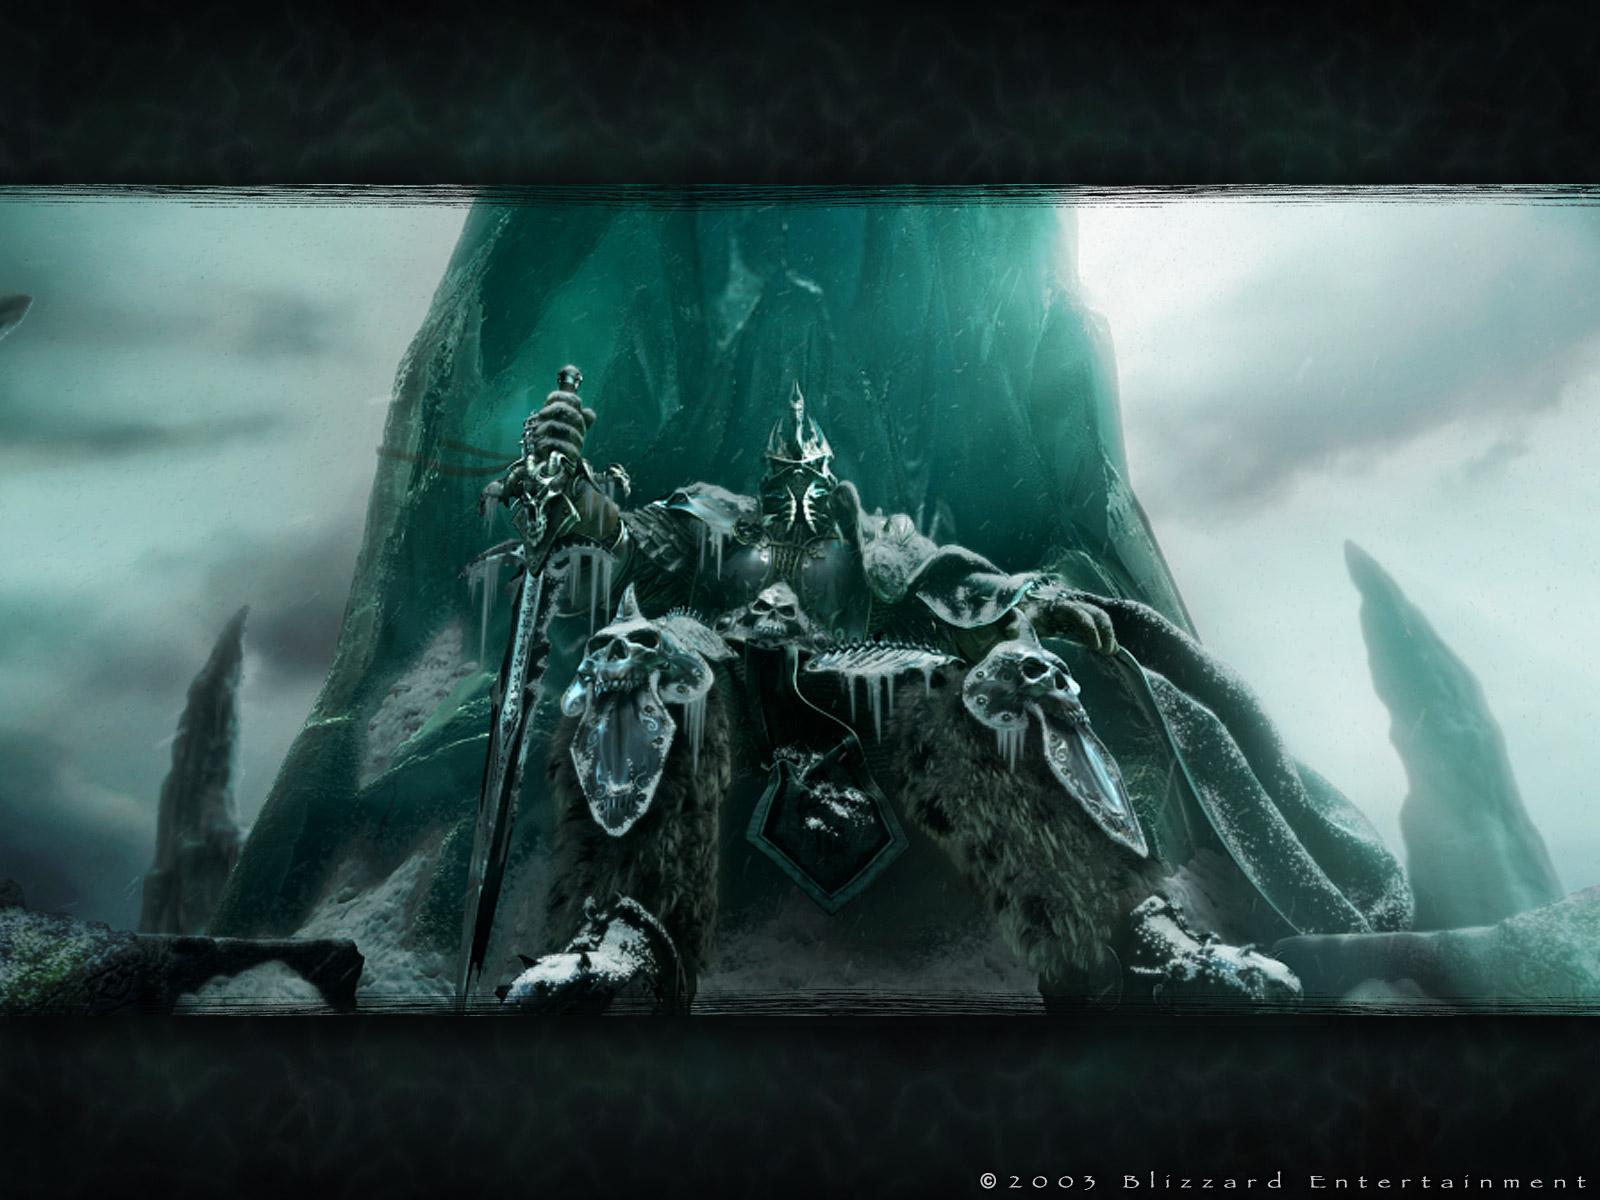 http://xgm.guru/p/wc3/frothen-throne